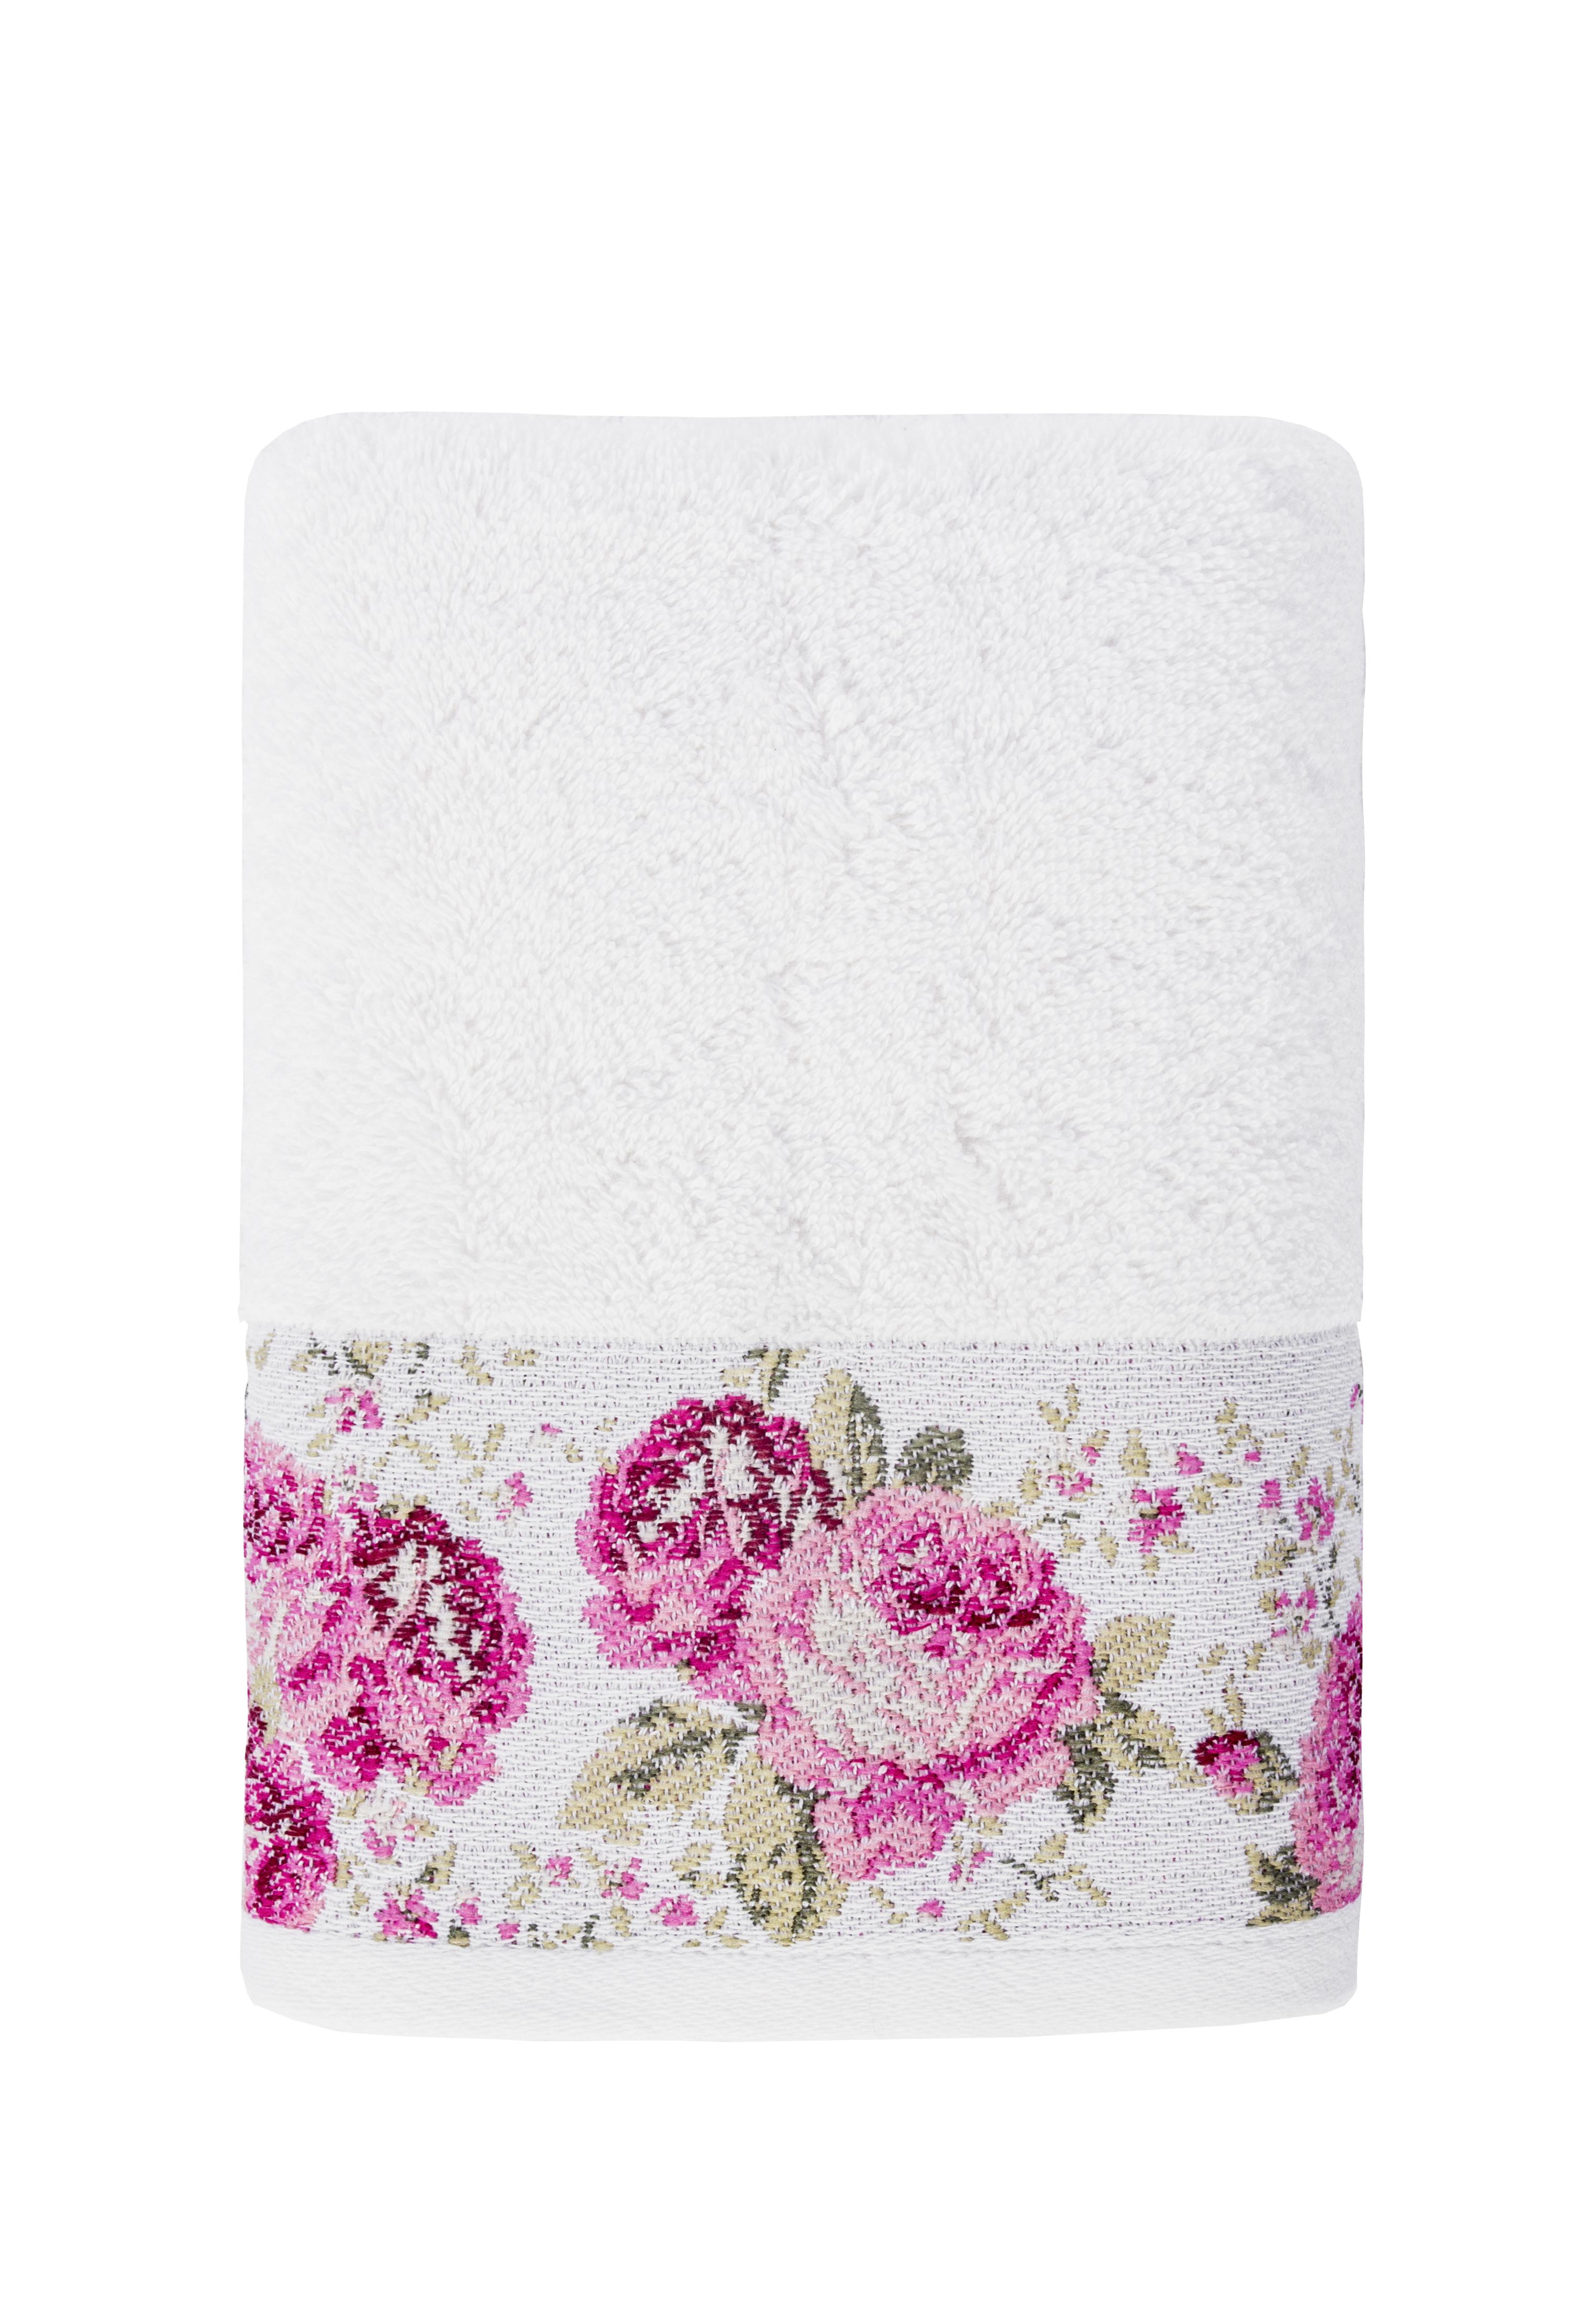 Полотенце банное Arya home collection Desima кремовый, кремовый полотенца arya полотенце desima цвет пурпурный 70х140 см